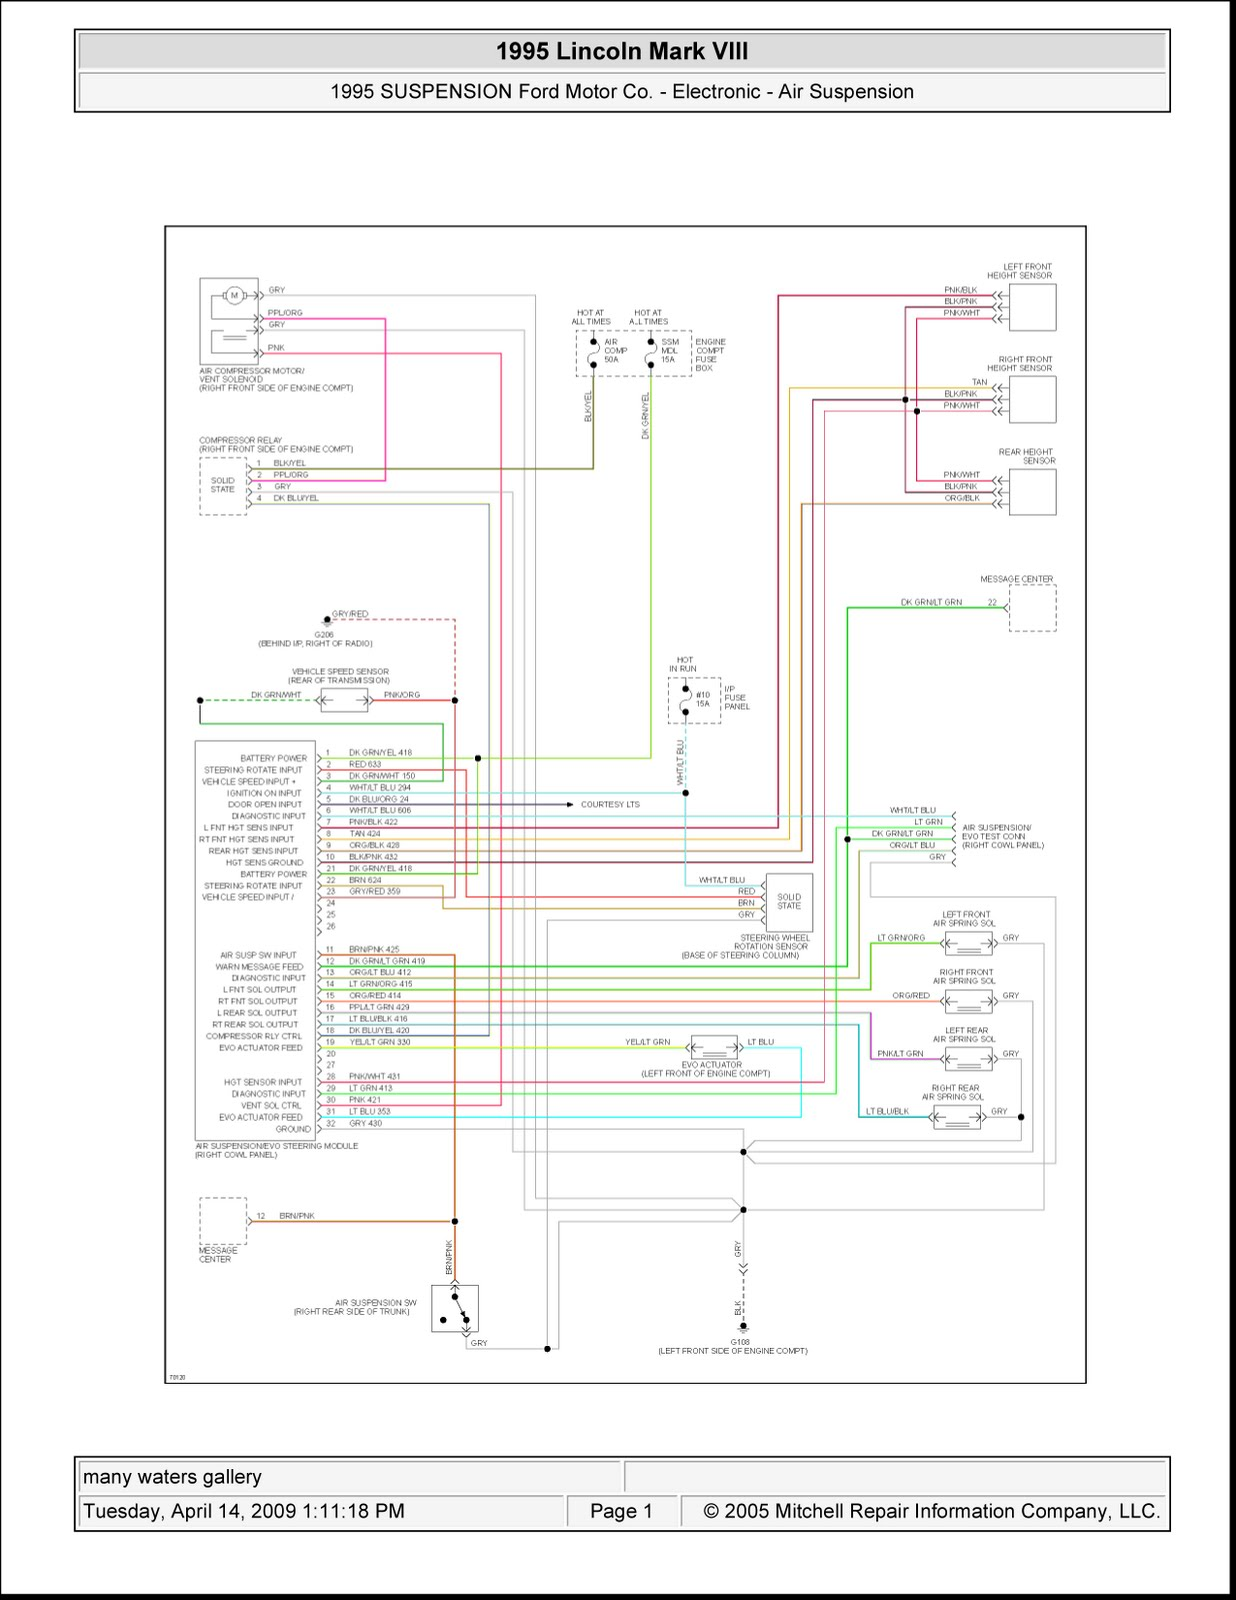 medium resolution of lincoln mark viii front suspension diagram wire data schema u2022 rh vsetop co 1994 lincoln mark